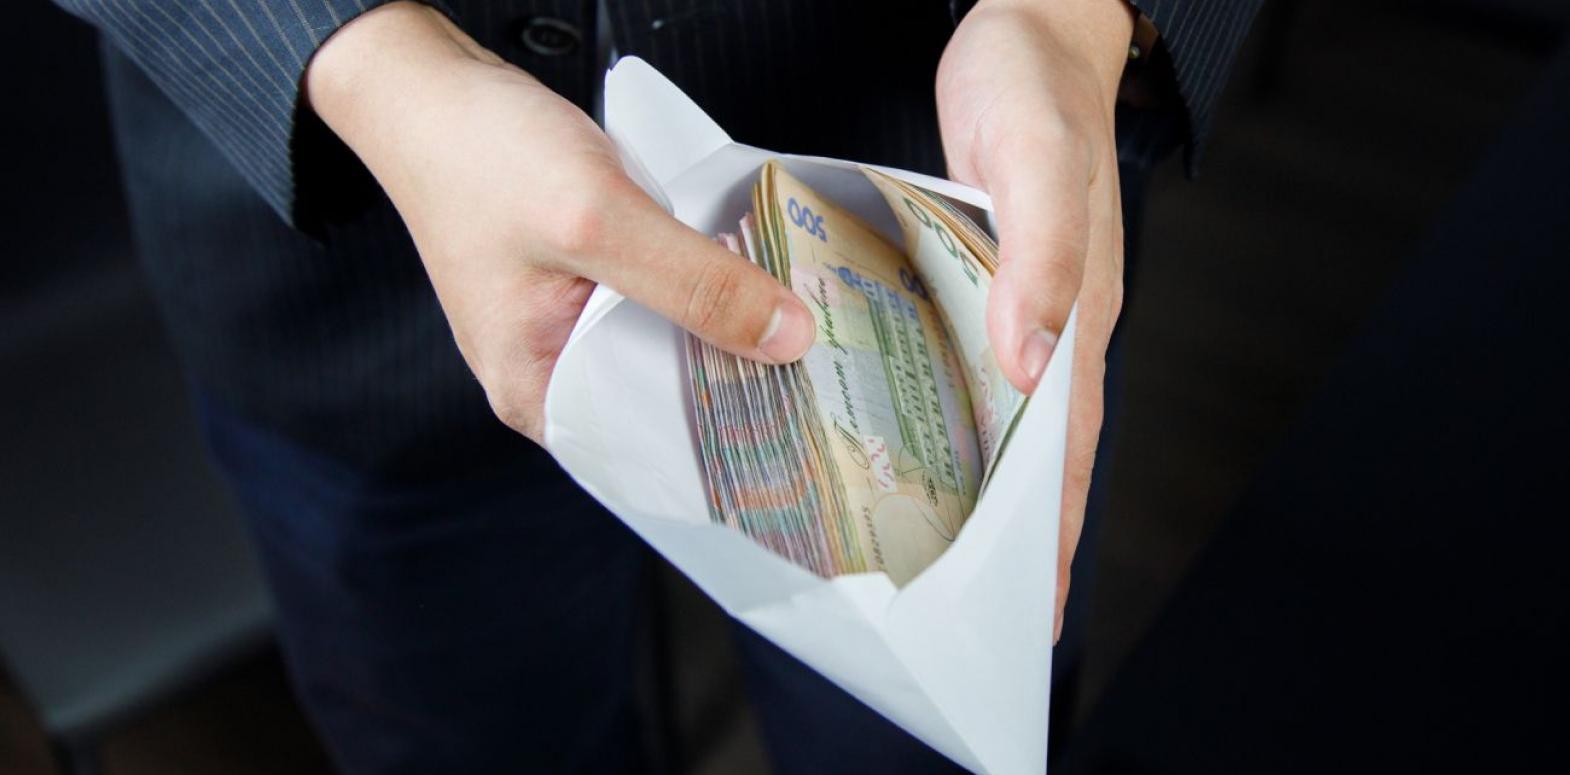 """Более трети украинцев получают зарплату """"в конверте"""""""